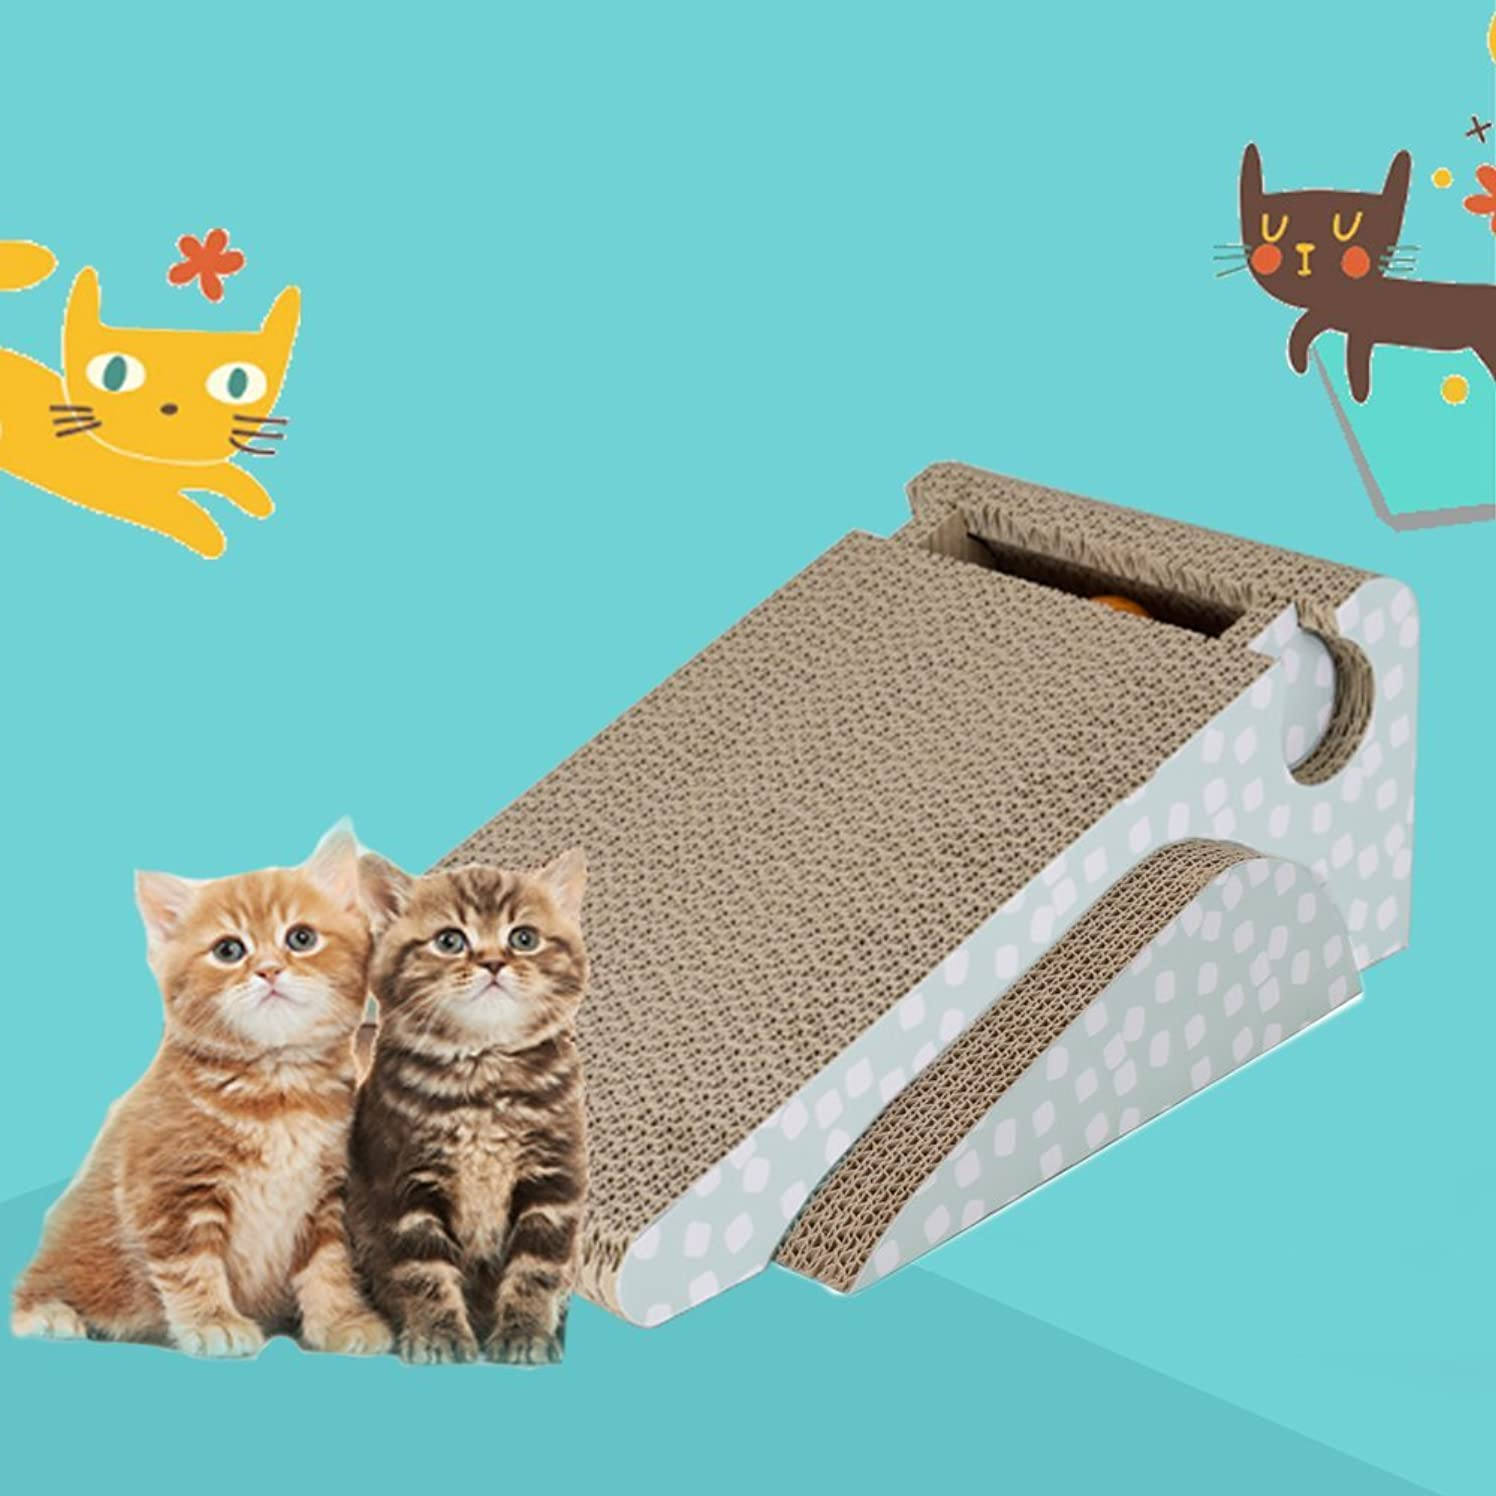 予備破壊的チューリップペットプロ 猫ちゃんのつめみがき U字型 2個パック 木目BOX付